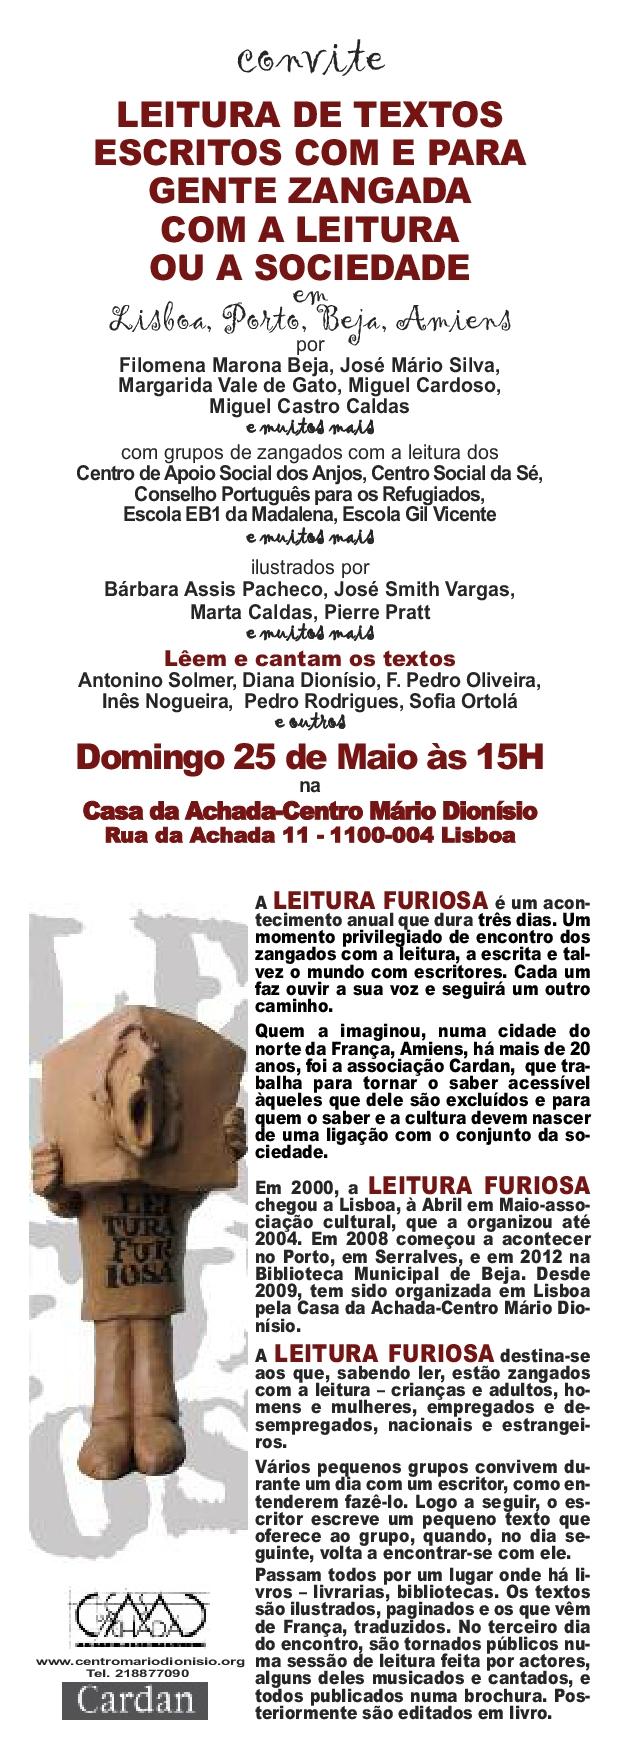 LF 14 Sessão Pública - convite-001